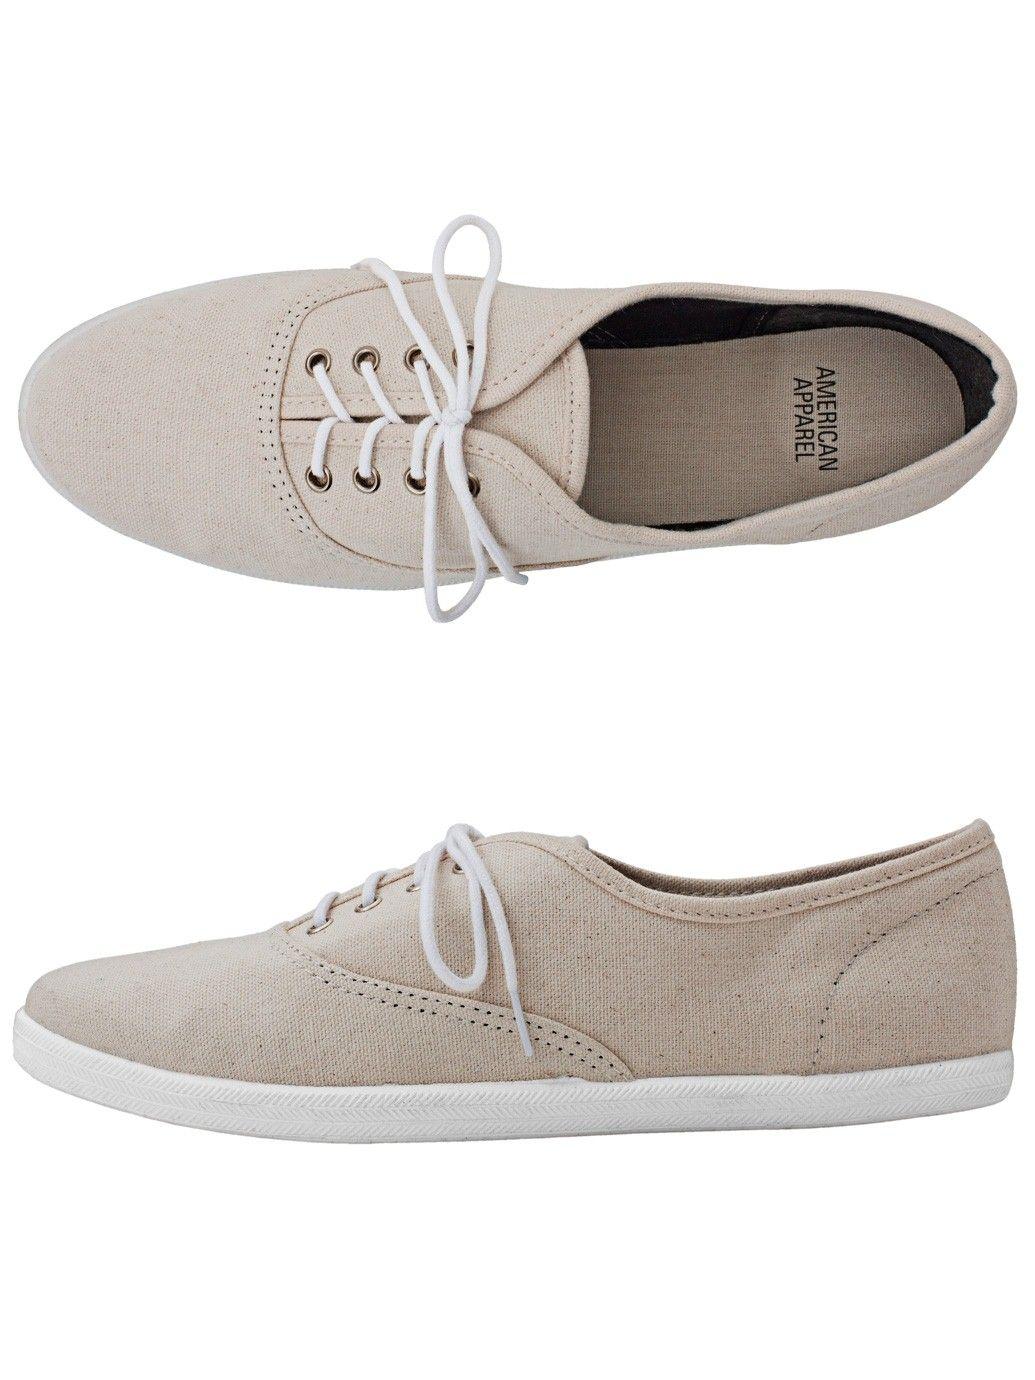 Unisex Tennis Shoe  da5c25da13